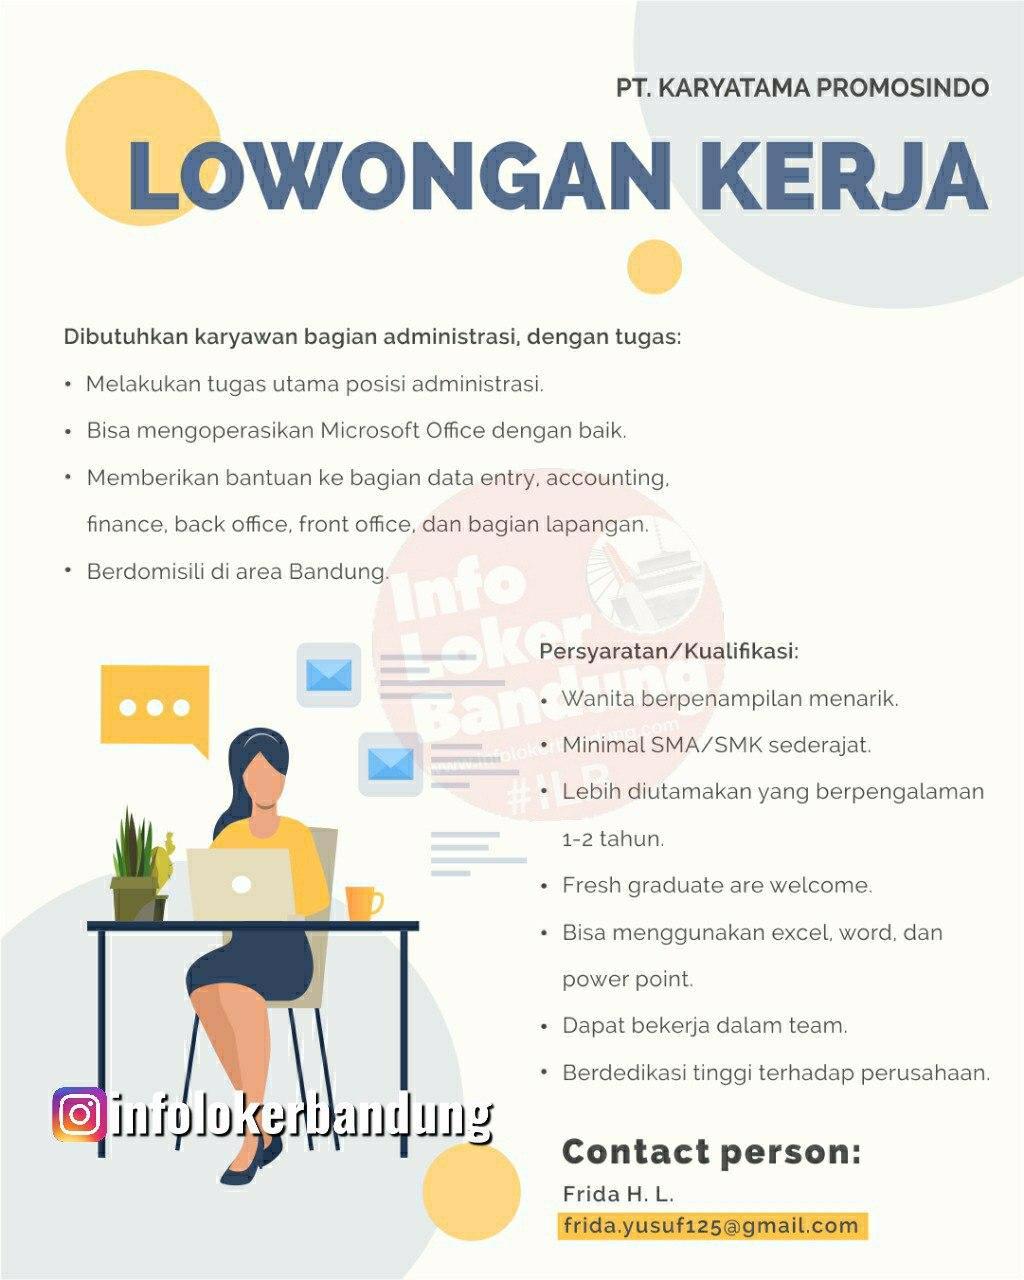 Lowongan Kerja PT. Karyatama Promosindao Bandung Juni 2020